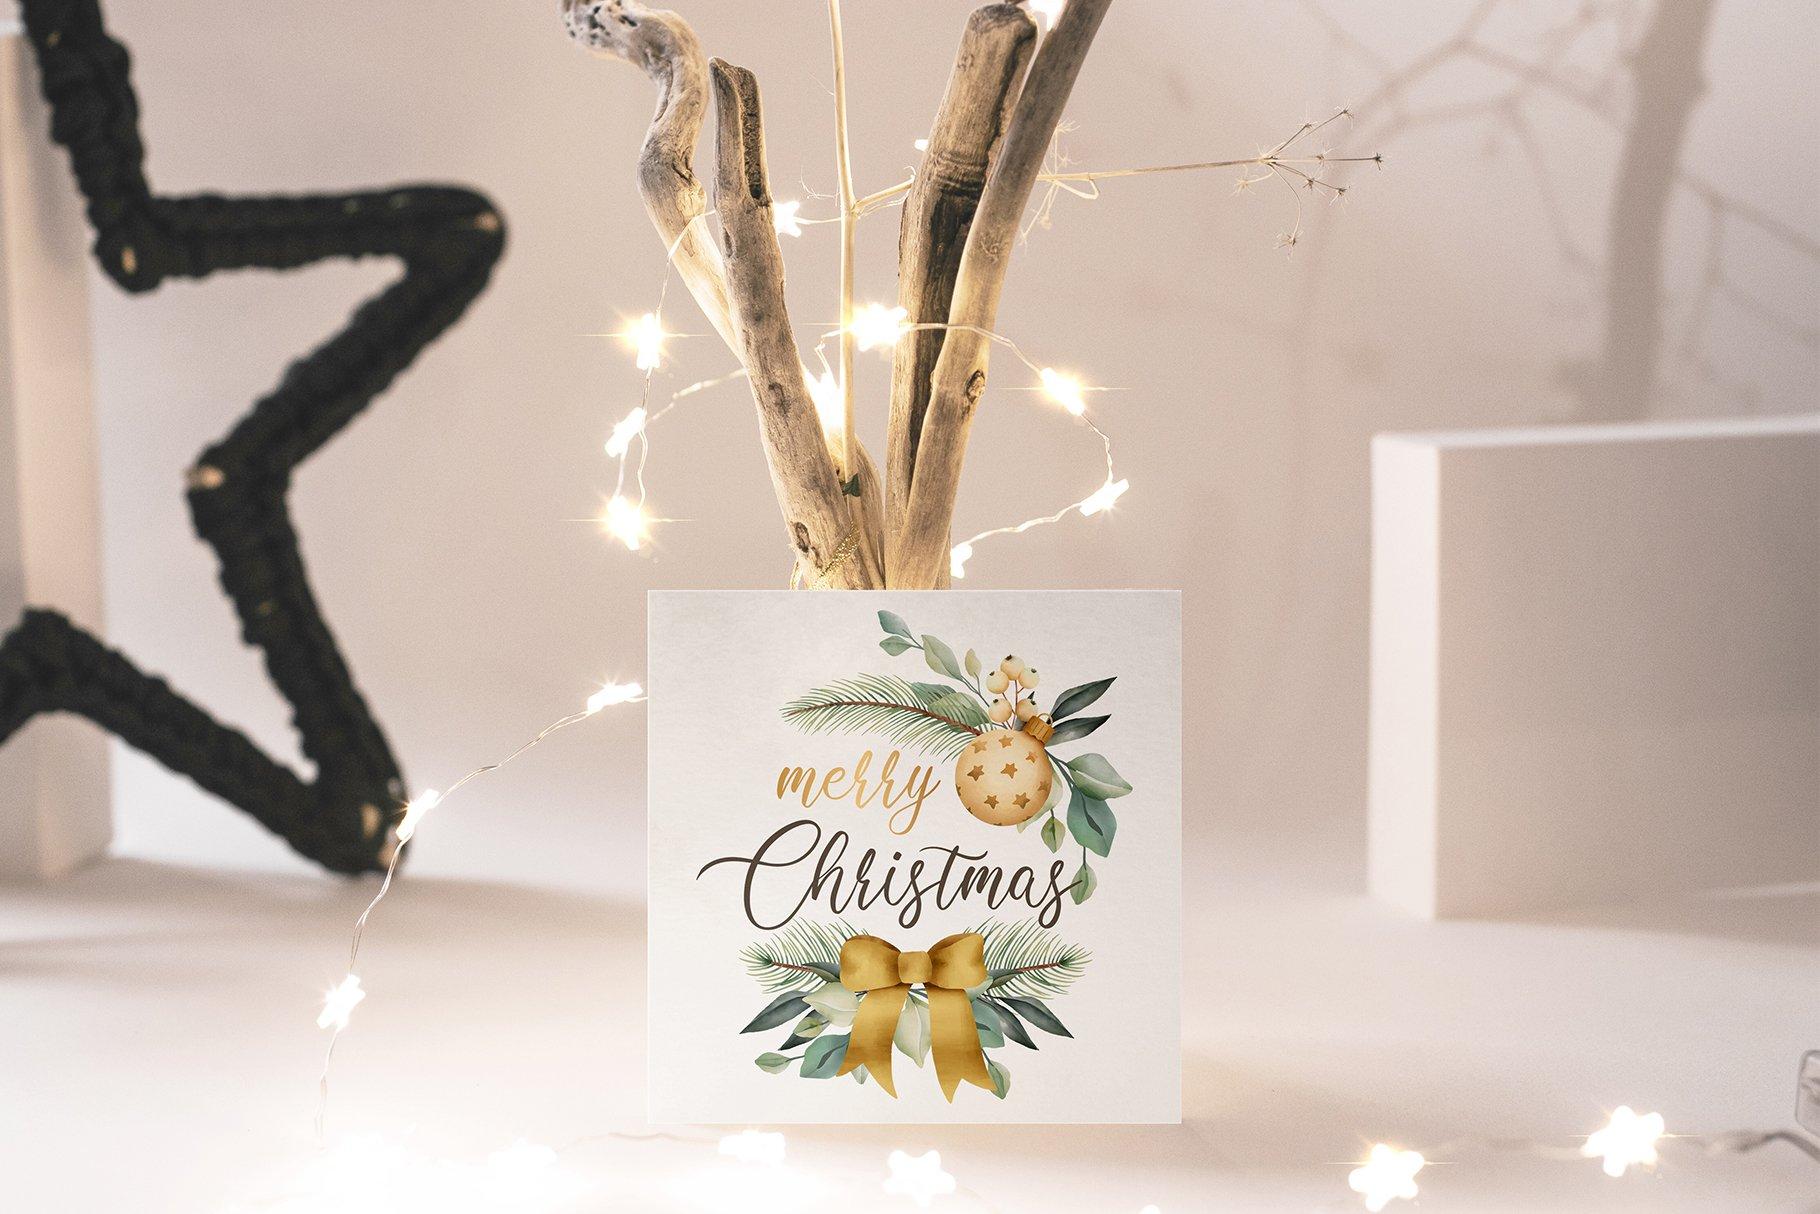 31款圣诞节主题礼品卡标签办公用品样机合集 Christmas Stationery Mockup Set插图6